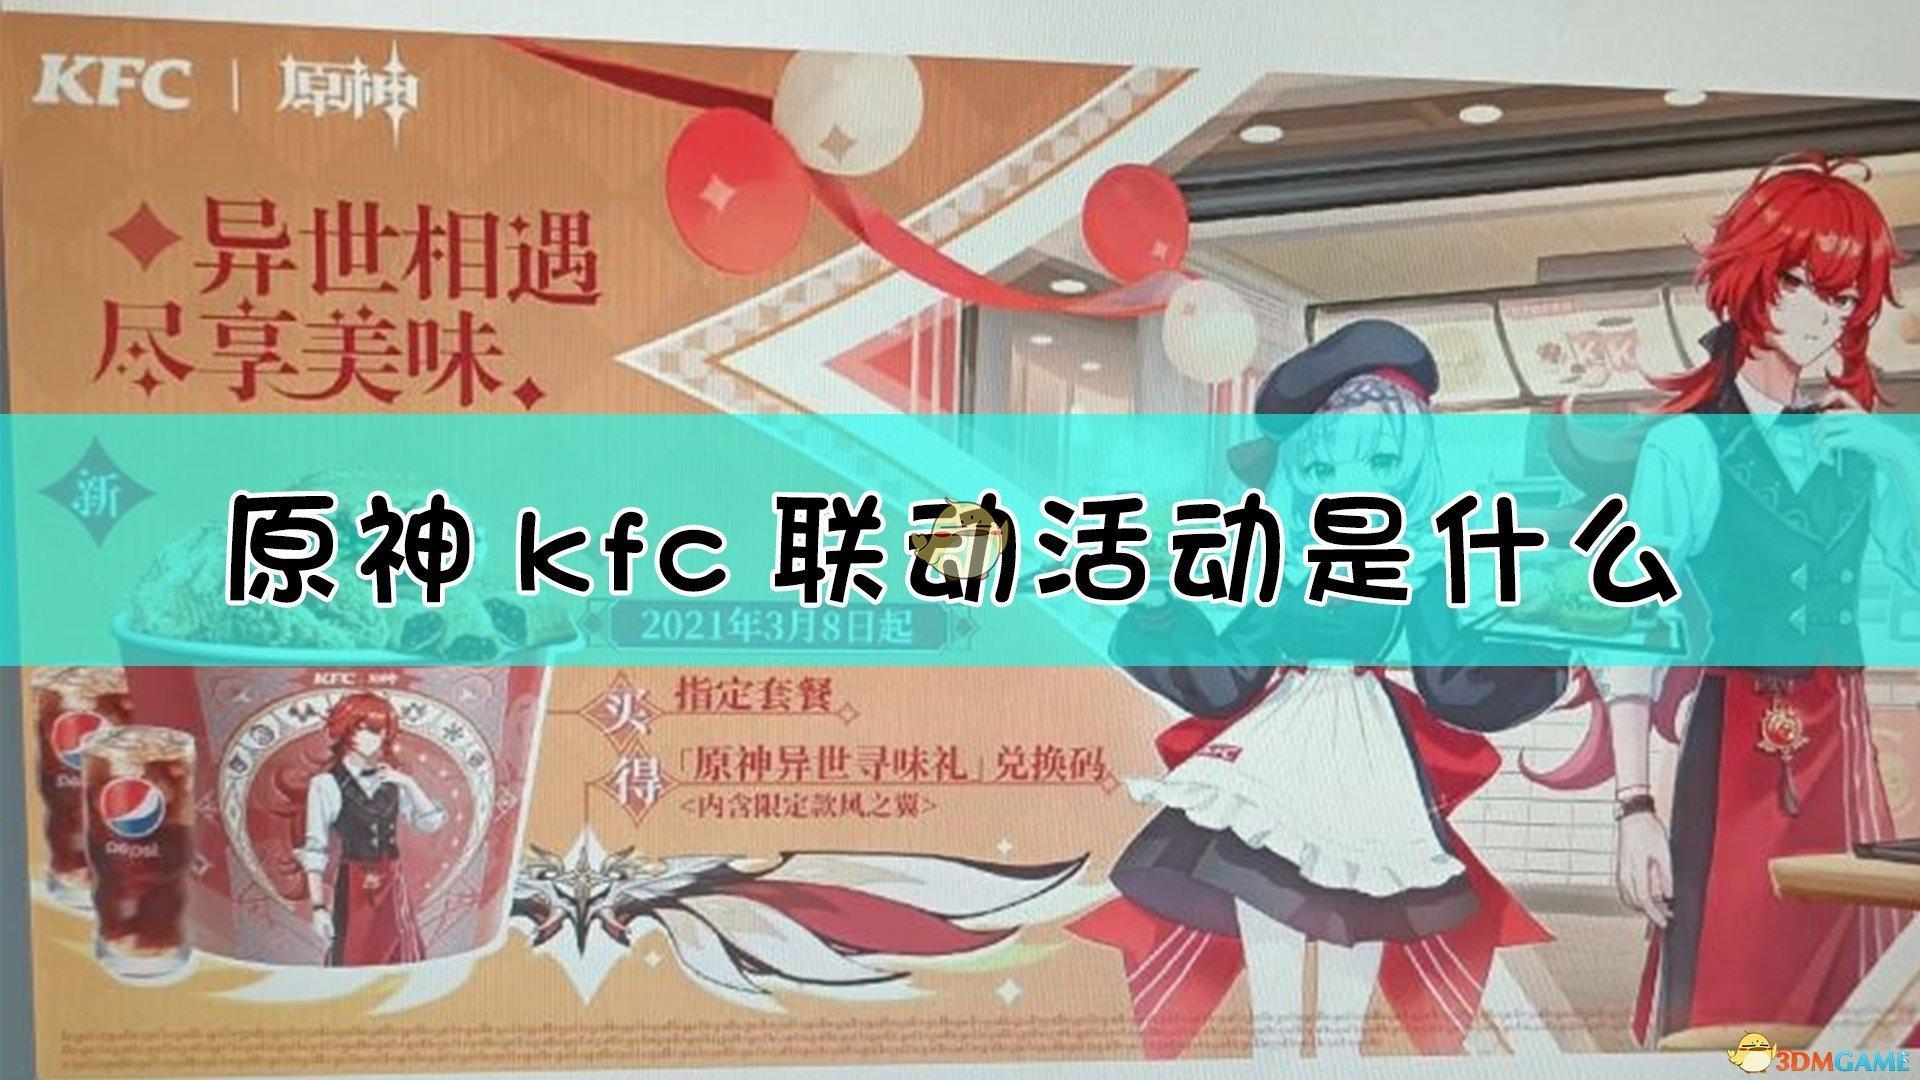 《原神》kfc联动活动介绍